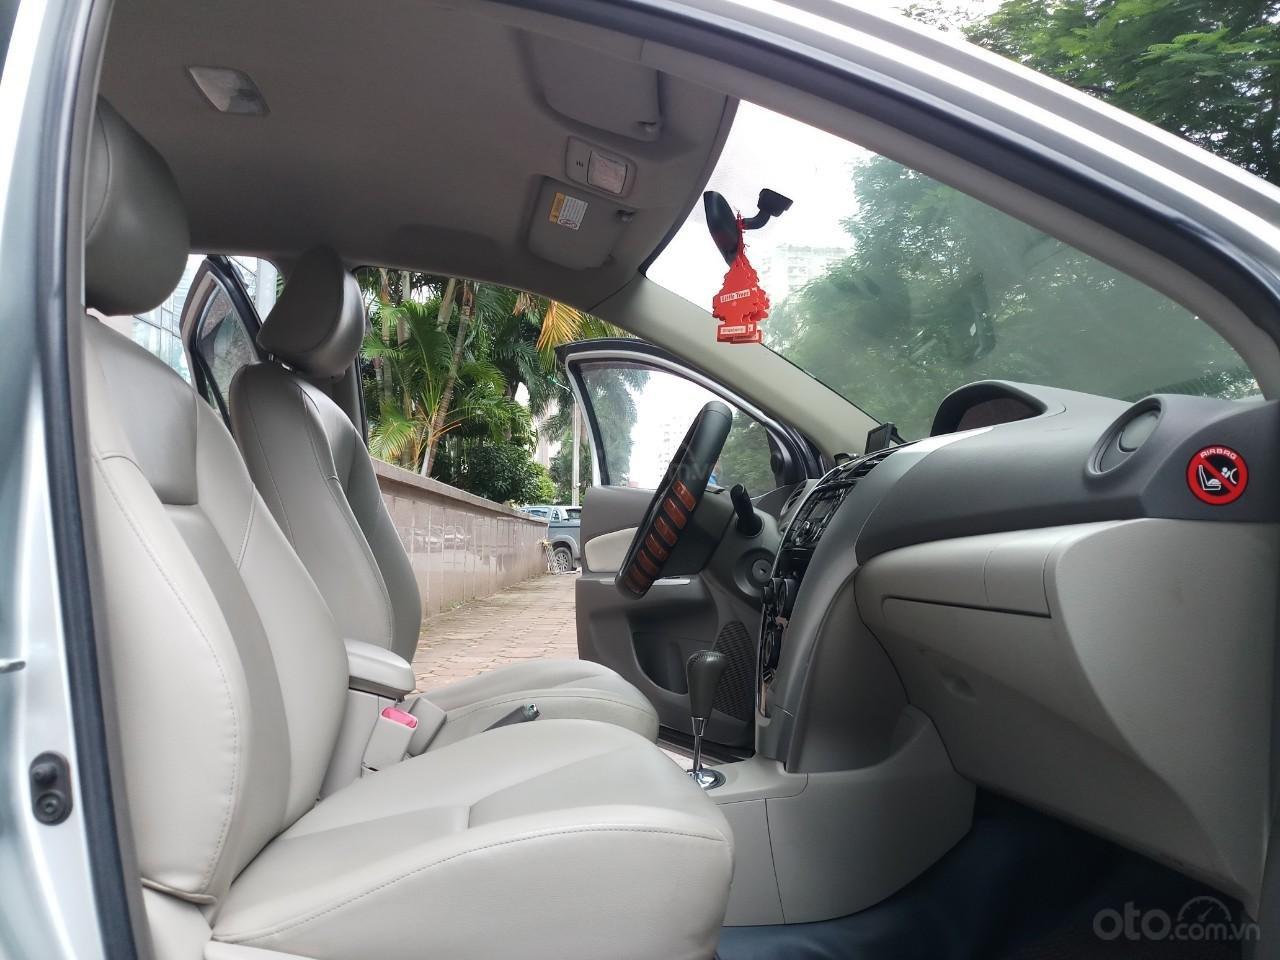 Ô tô Thủ Đô bán Toyota Vios 1.5G AT SX 2011, màu bạc 359 triệu (7)